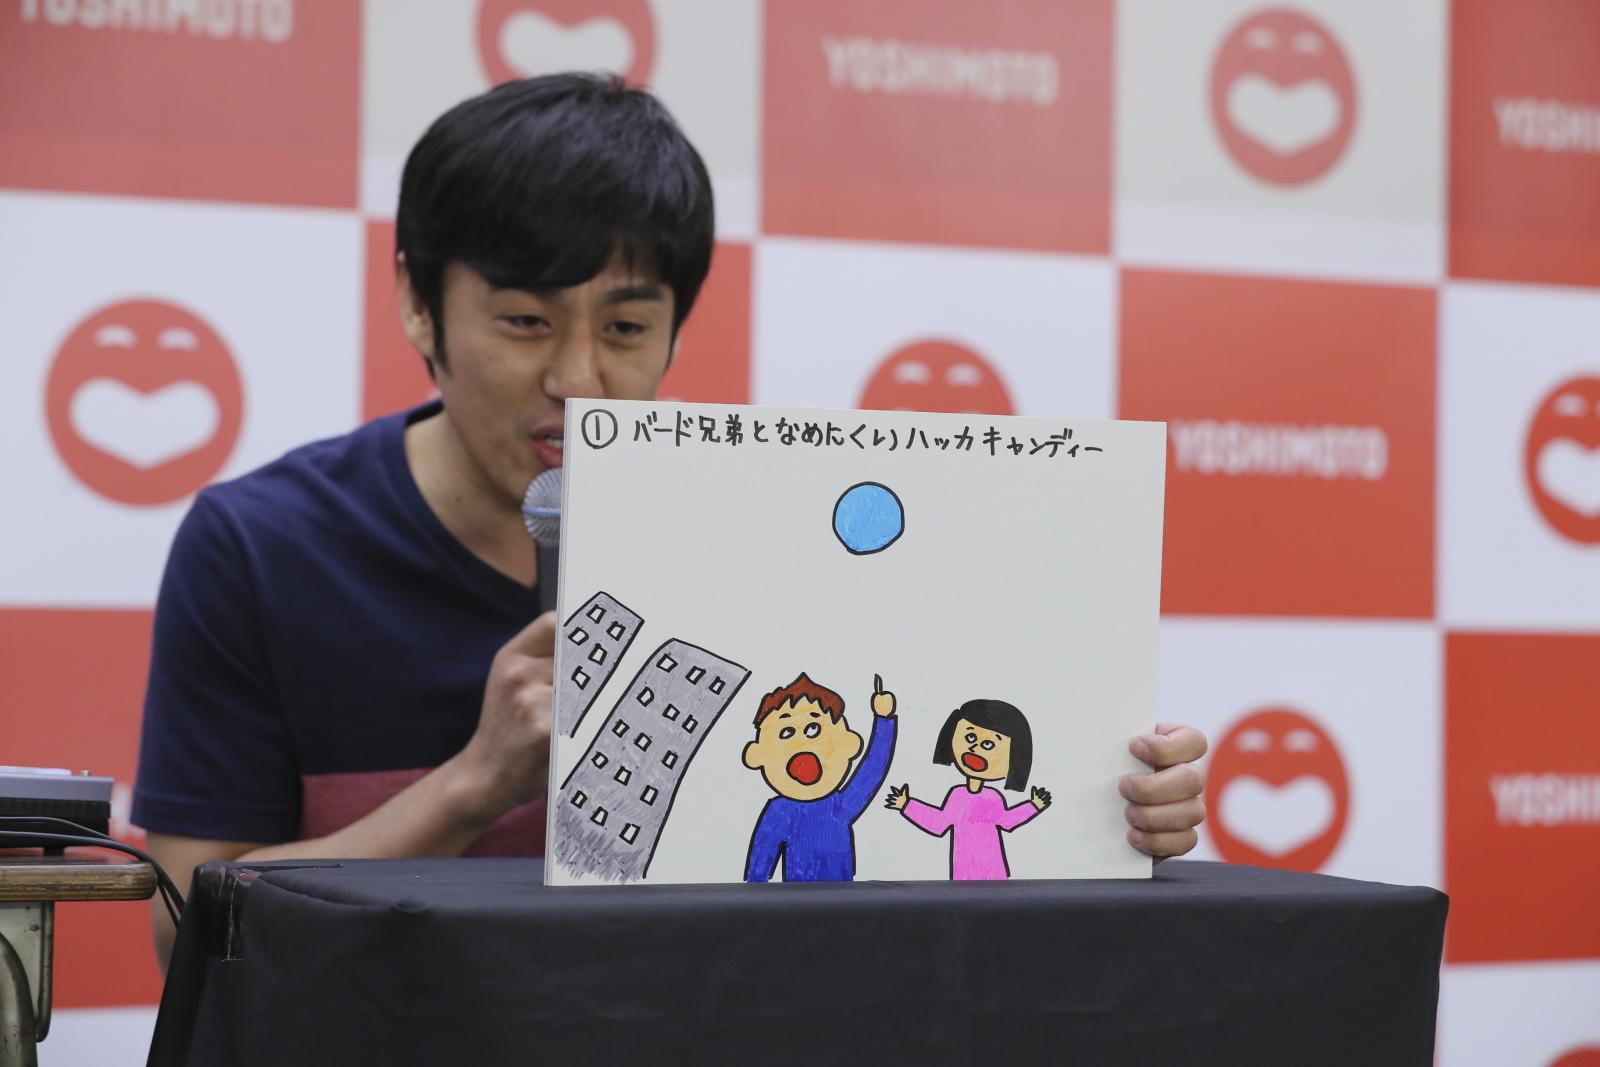 http://news.yoshimoto.co.jp/20170730173836-db3dce5d5d32f54bfd767f0b2f8d5e0d343475fe.jpg